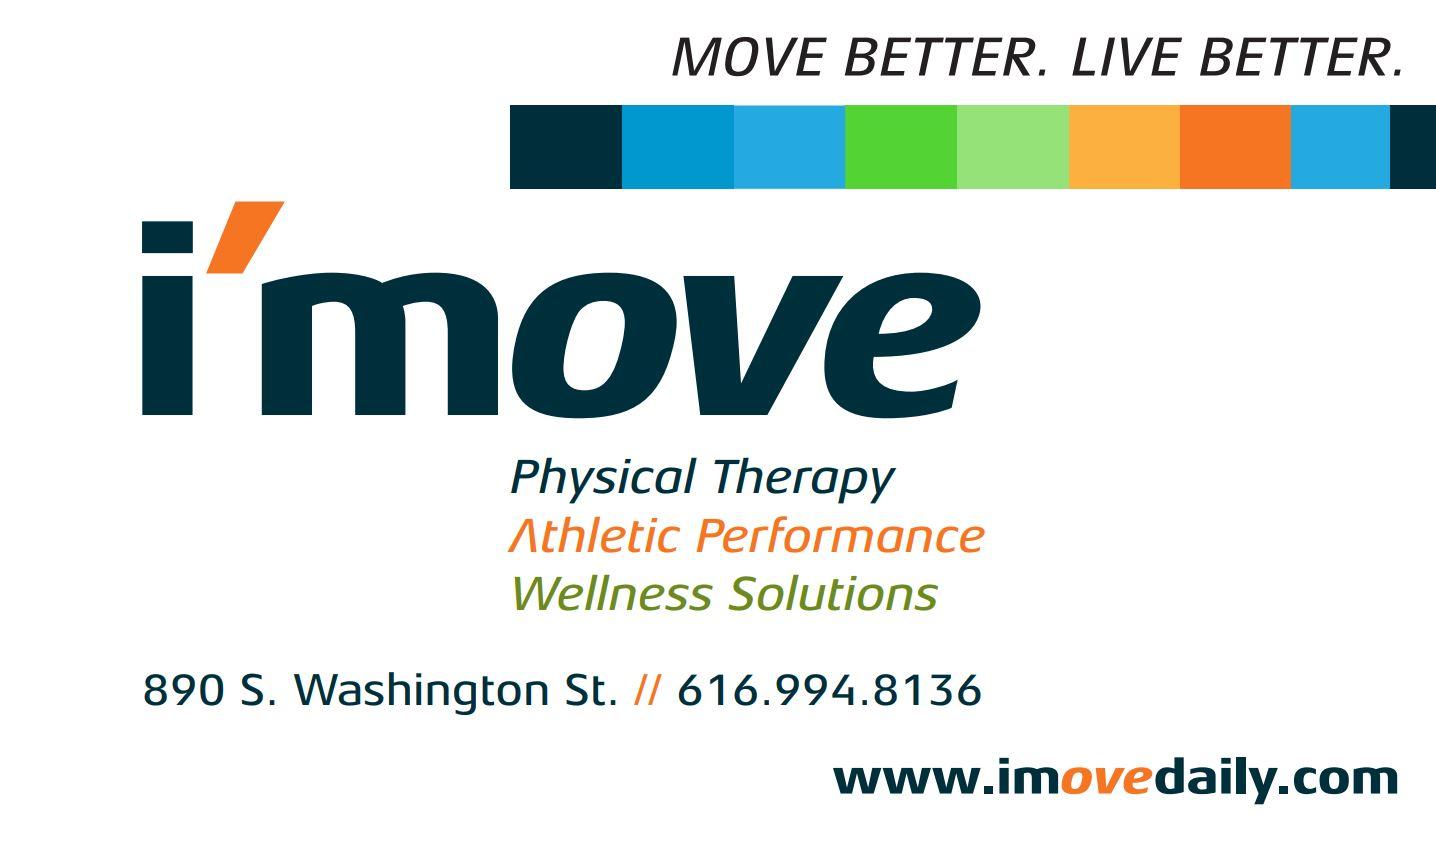 i'move